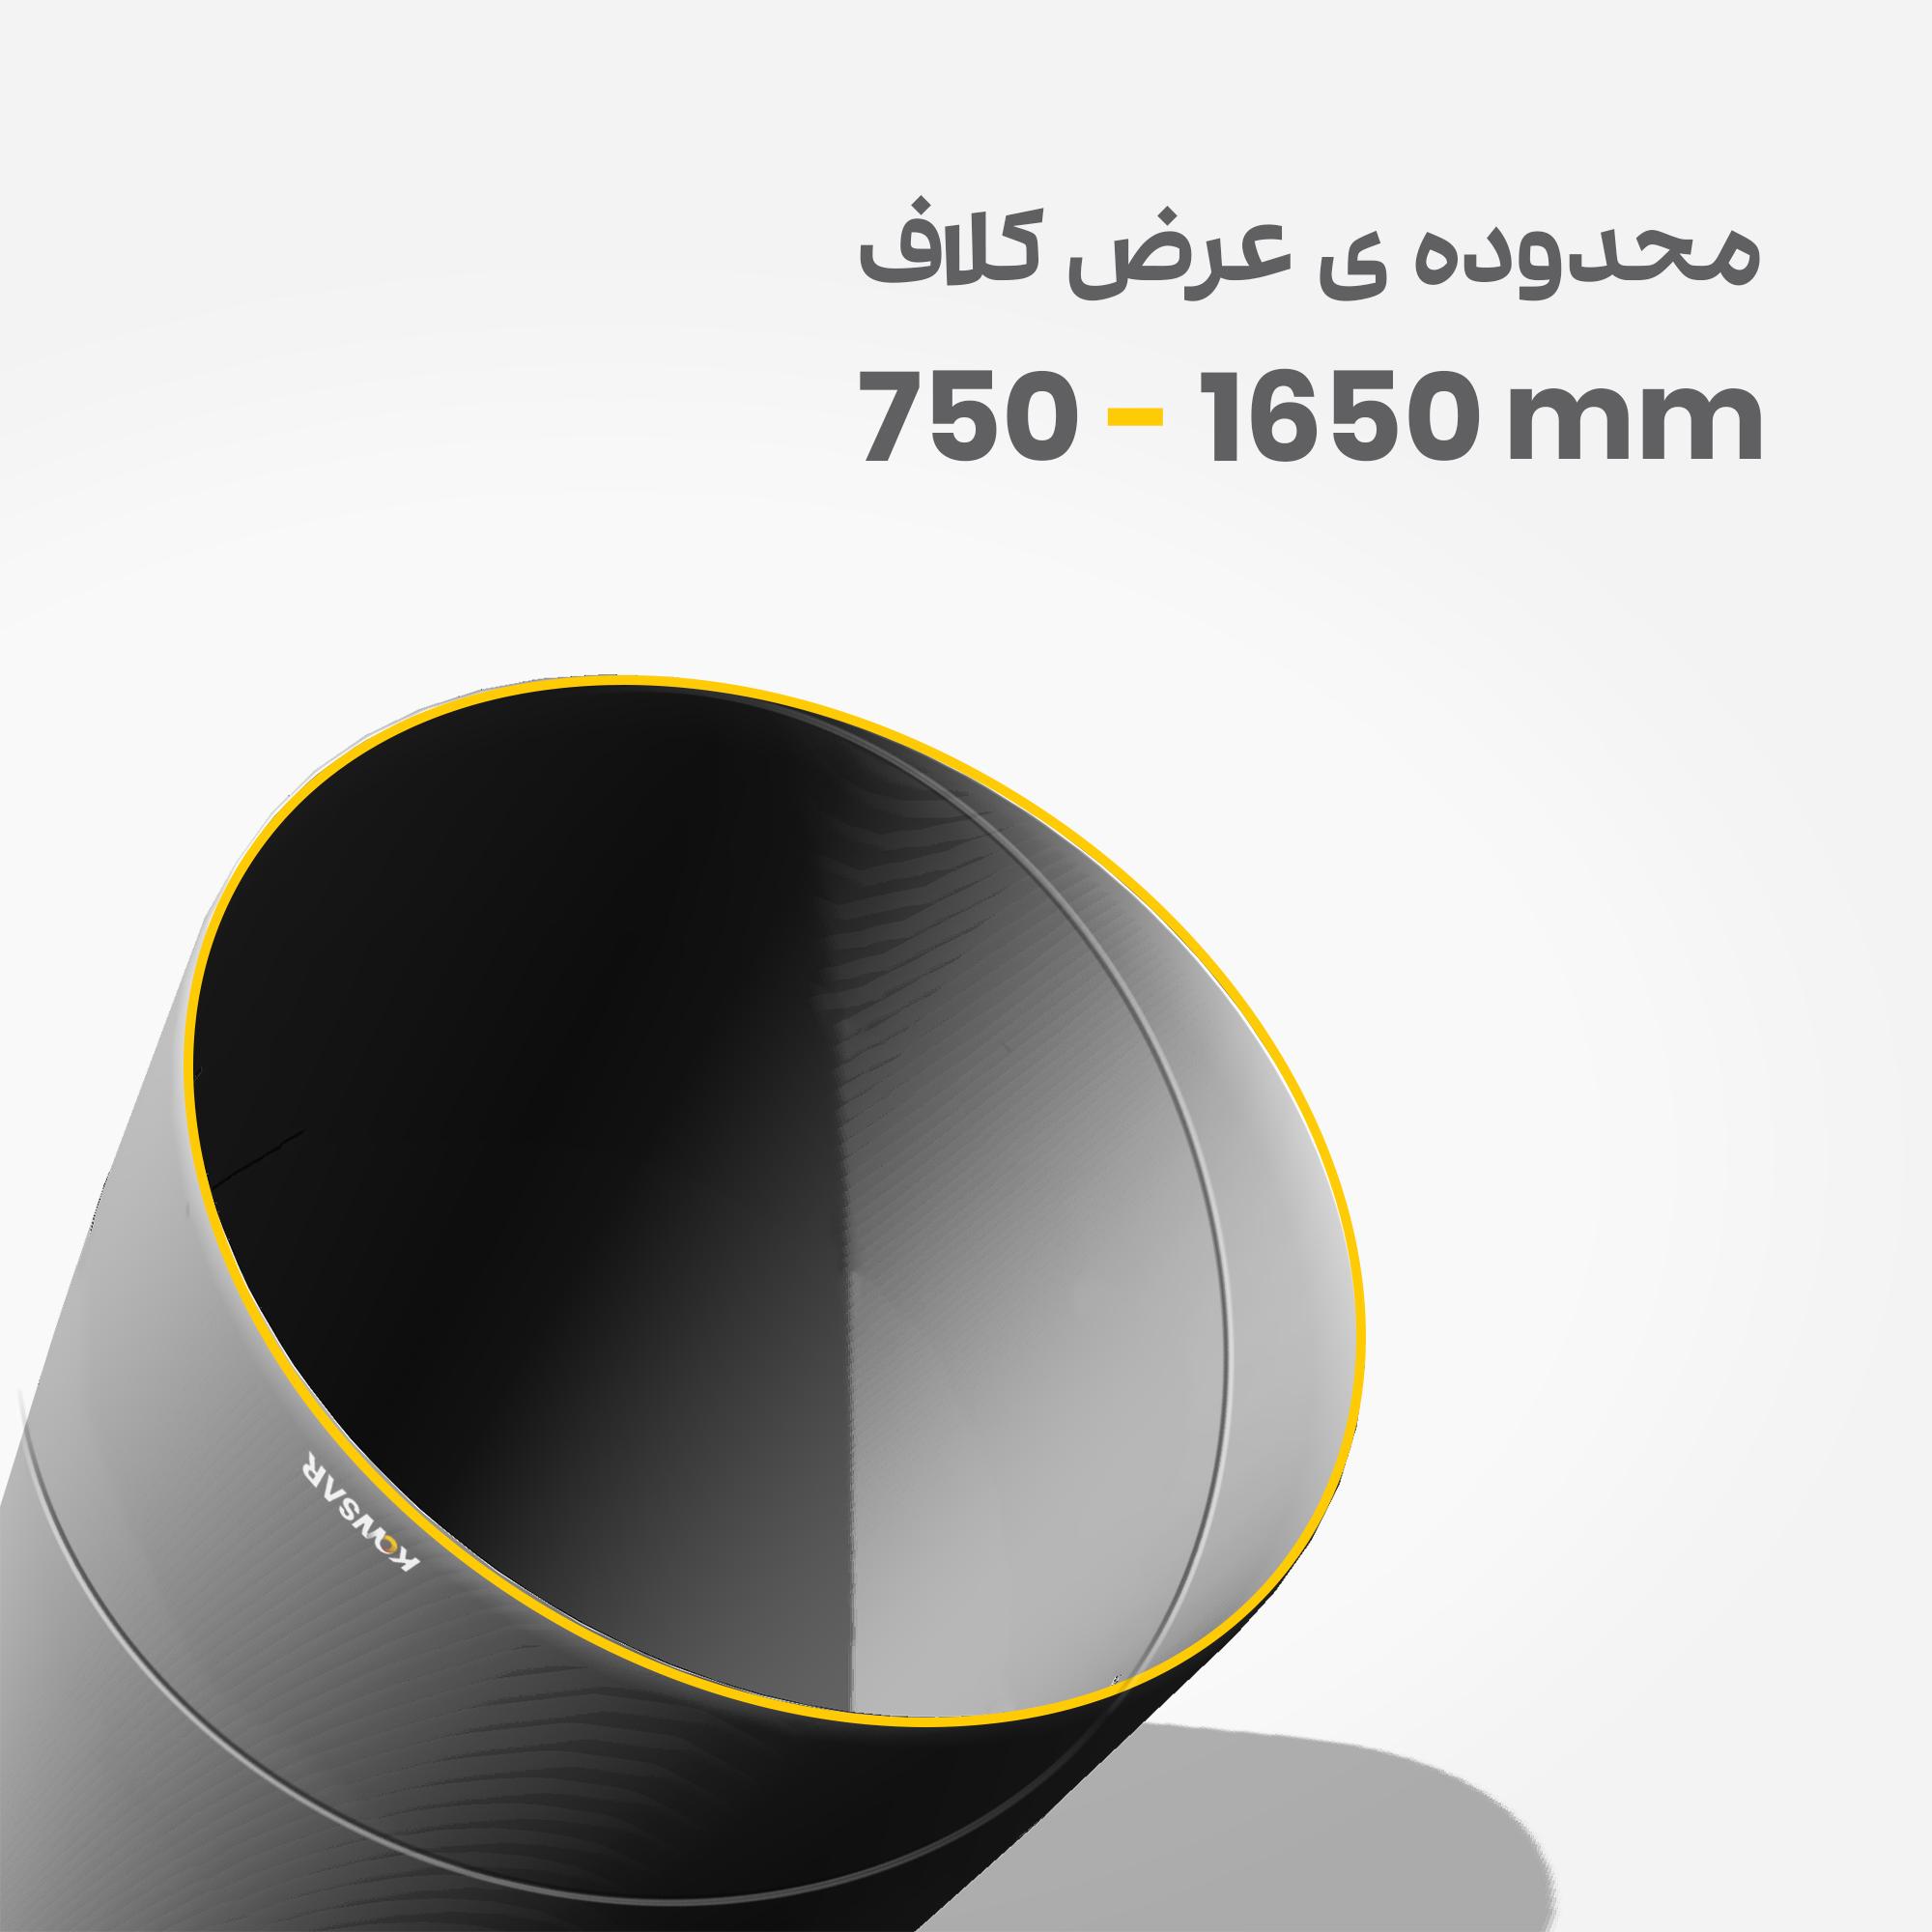 تولید لوله اسپیرال از عرض کویل  750 تا 1650 میلی متر